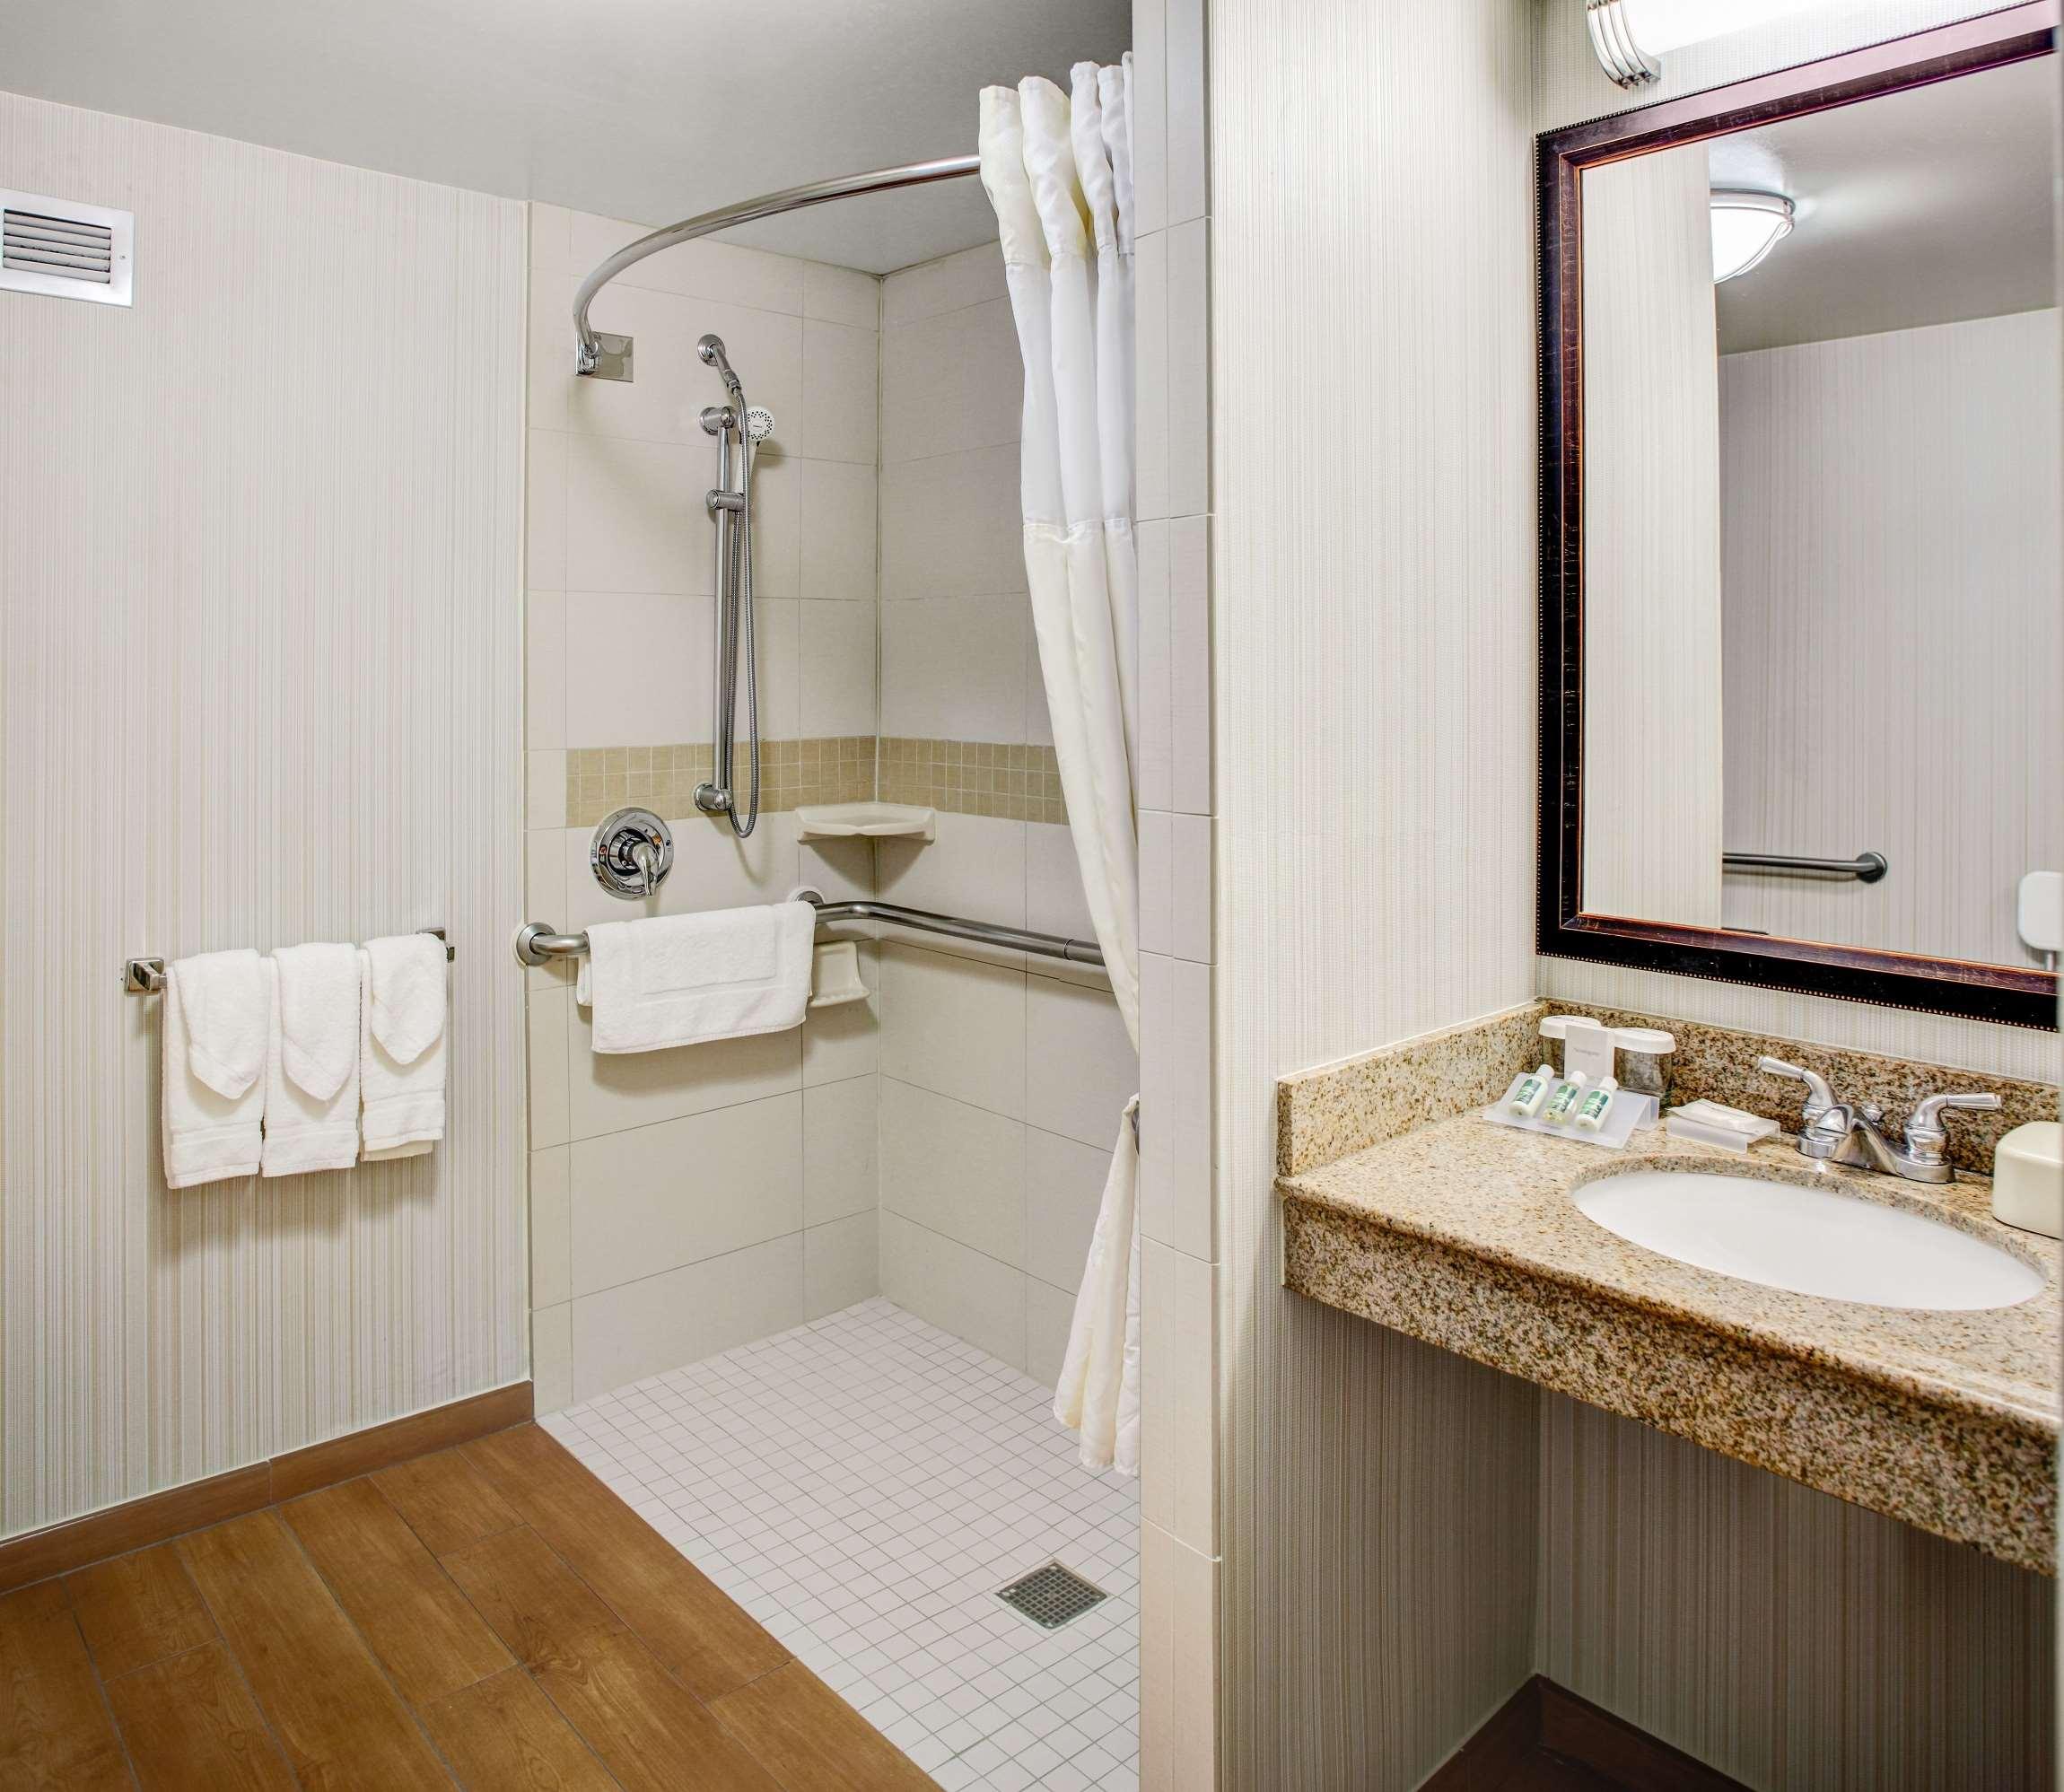 Hilton Garden Inn Danbury image 29